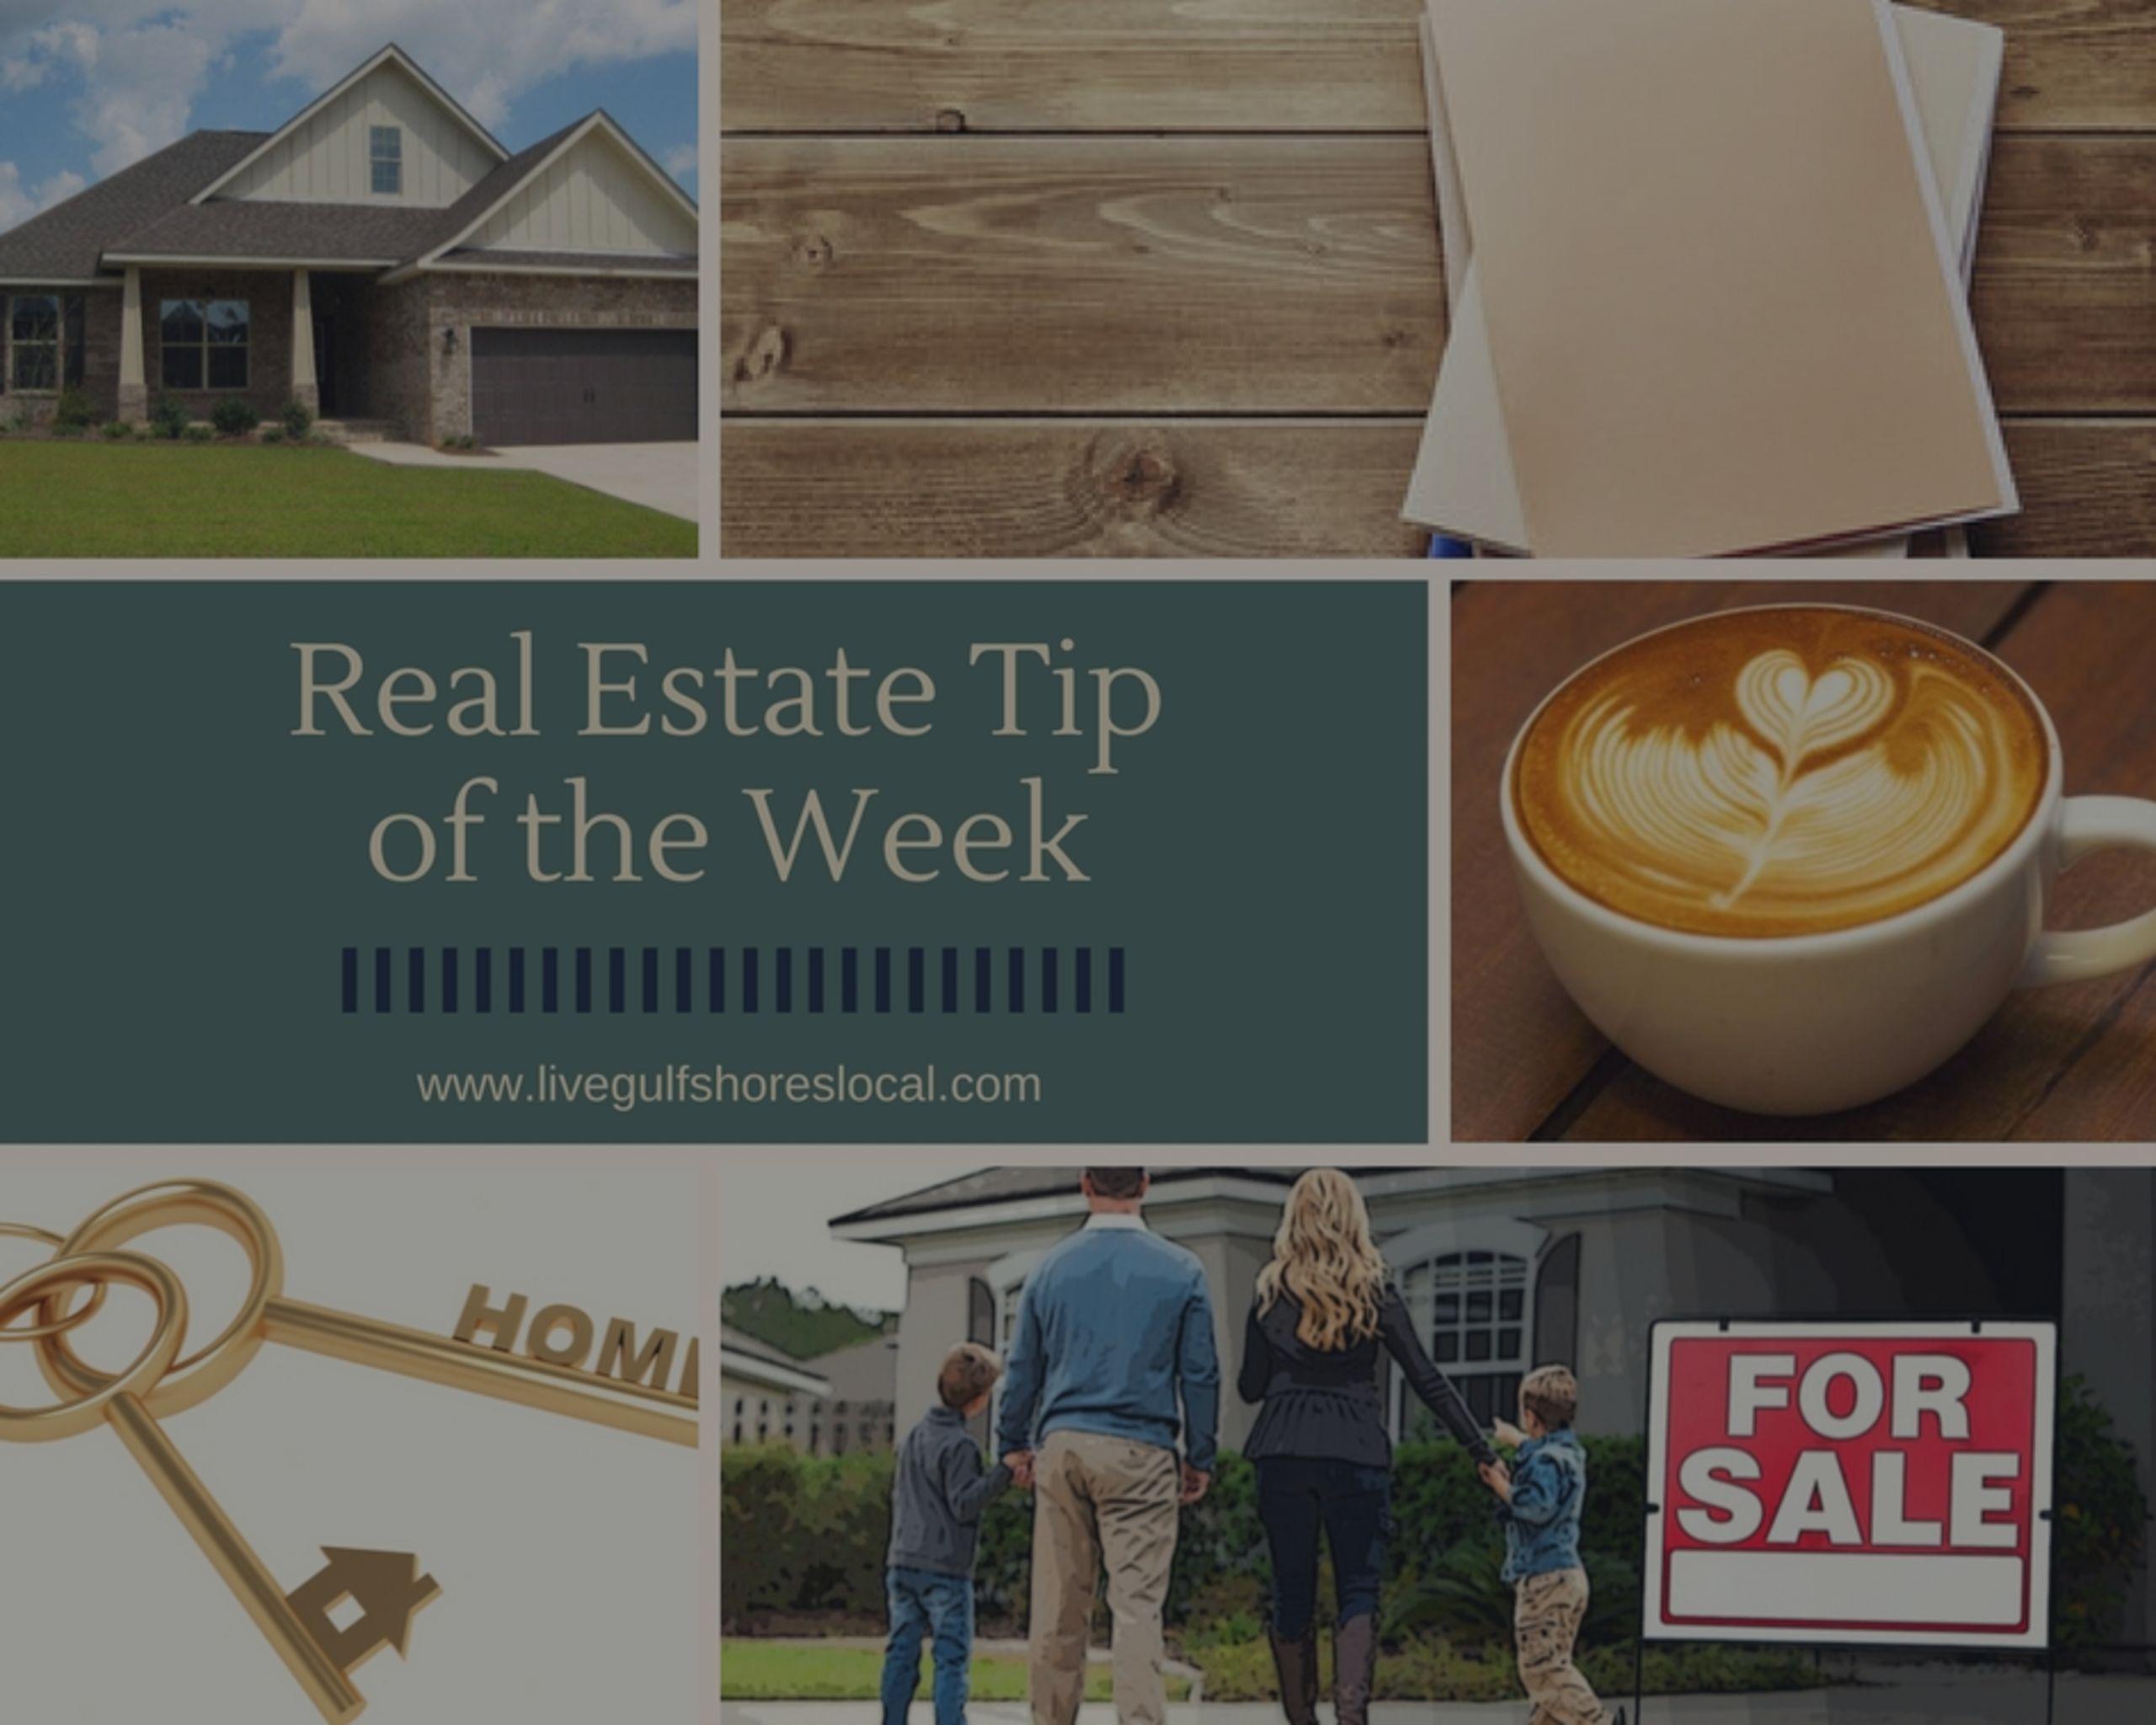 Real Estate Tip of the Week – Seller Getting Pre-Appraisal